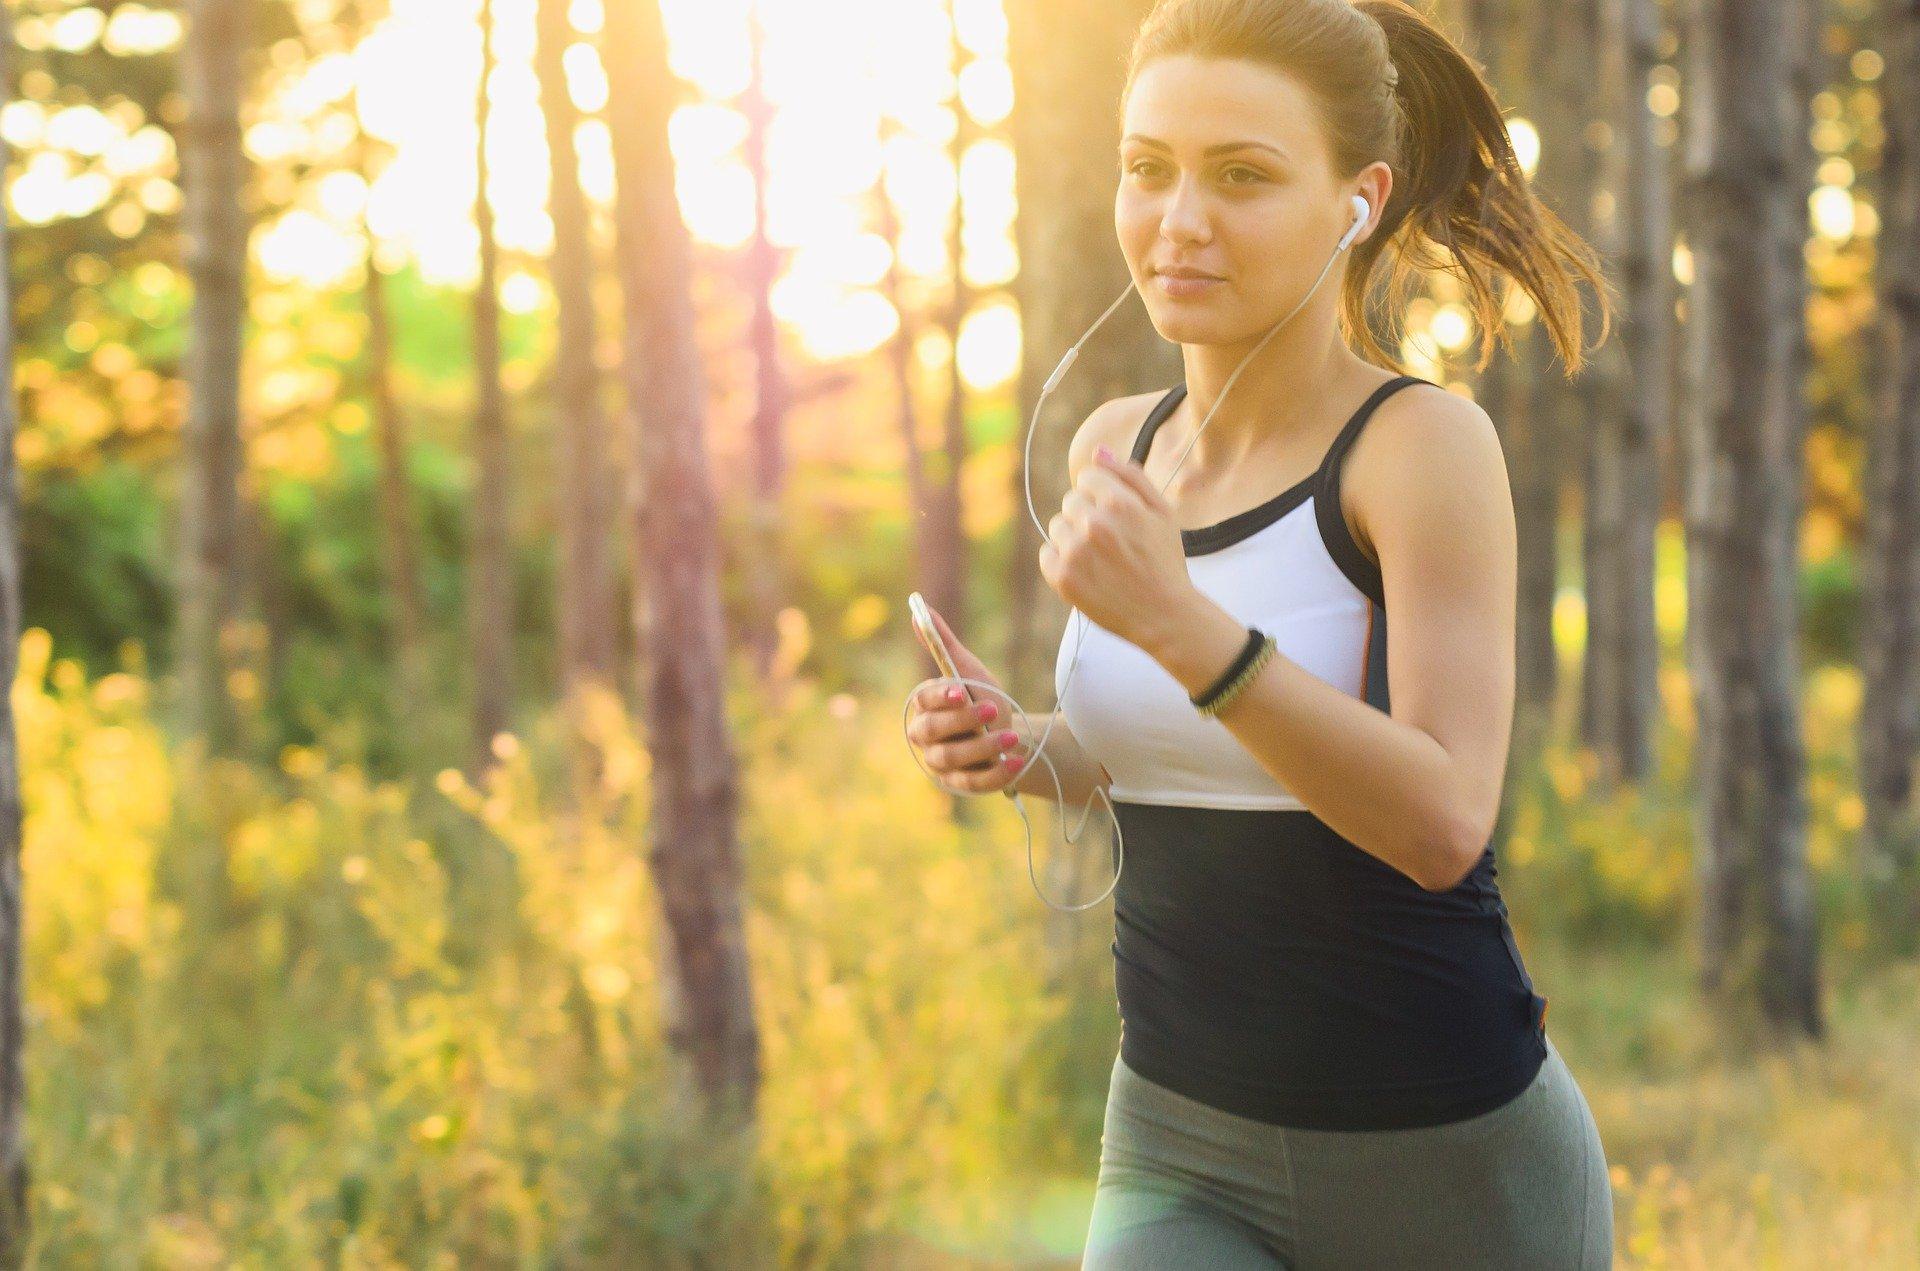 7 λόγοι που το τρέξιμο ωφελεί την υγεία